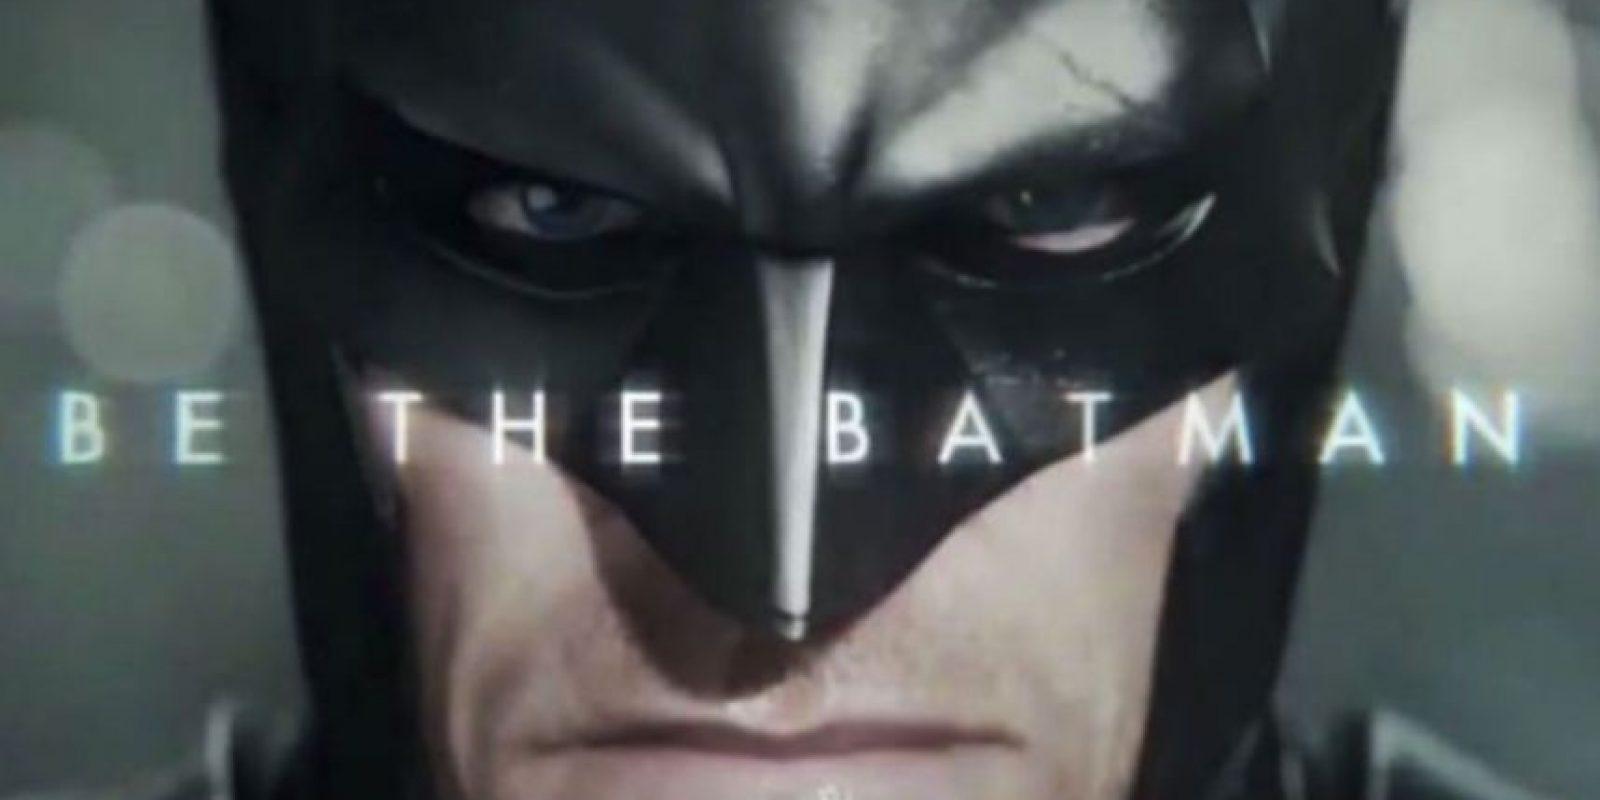 El nuevo volumen de la serie de videojuegos de Batman se estrenará muy pronto Foto:Rocksteady Studios